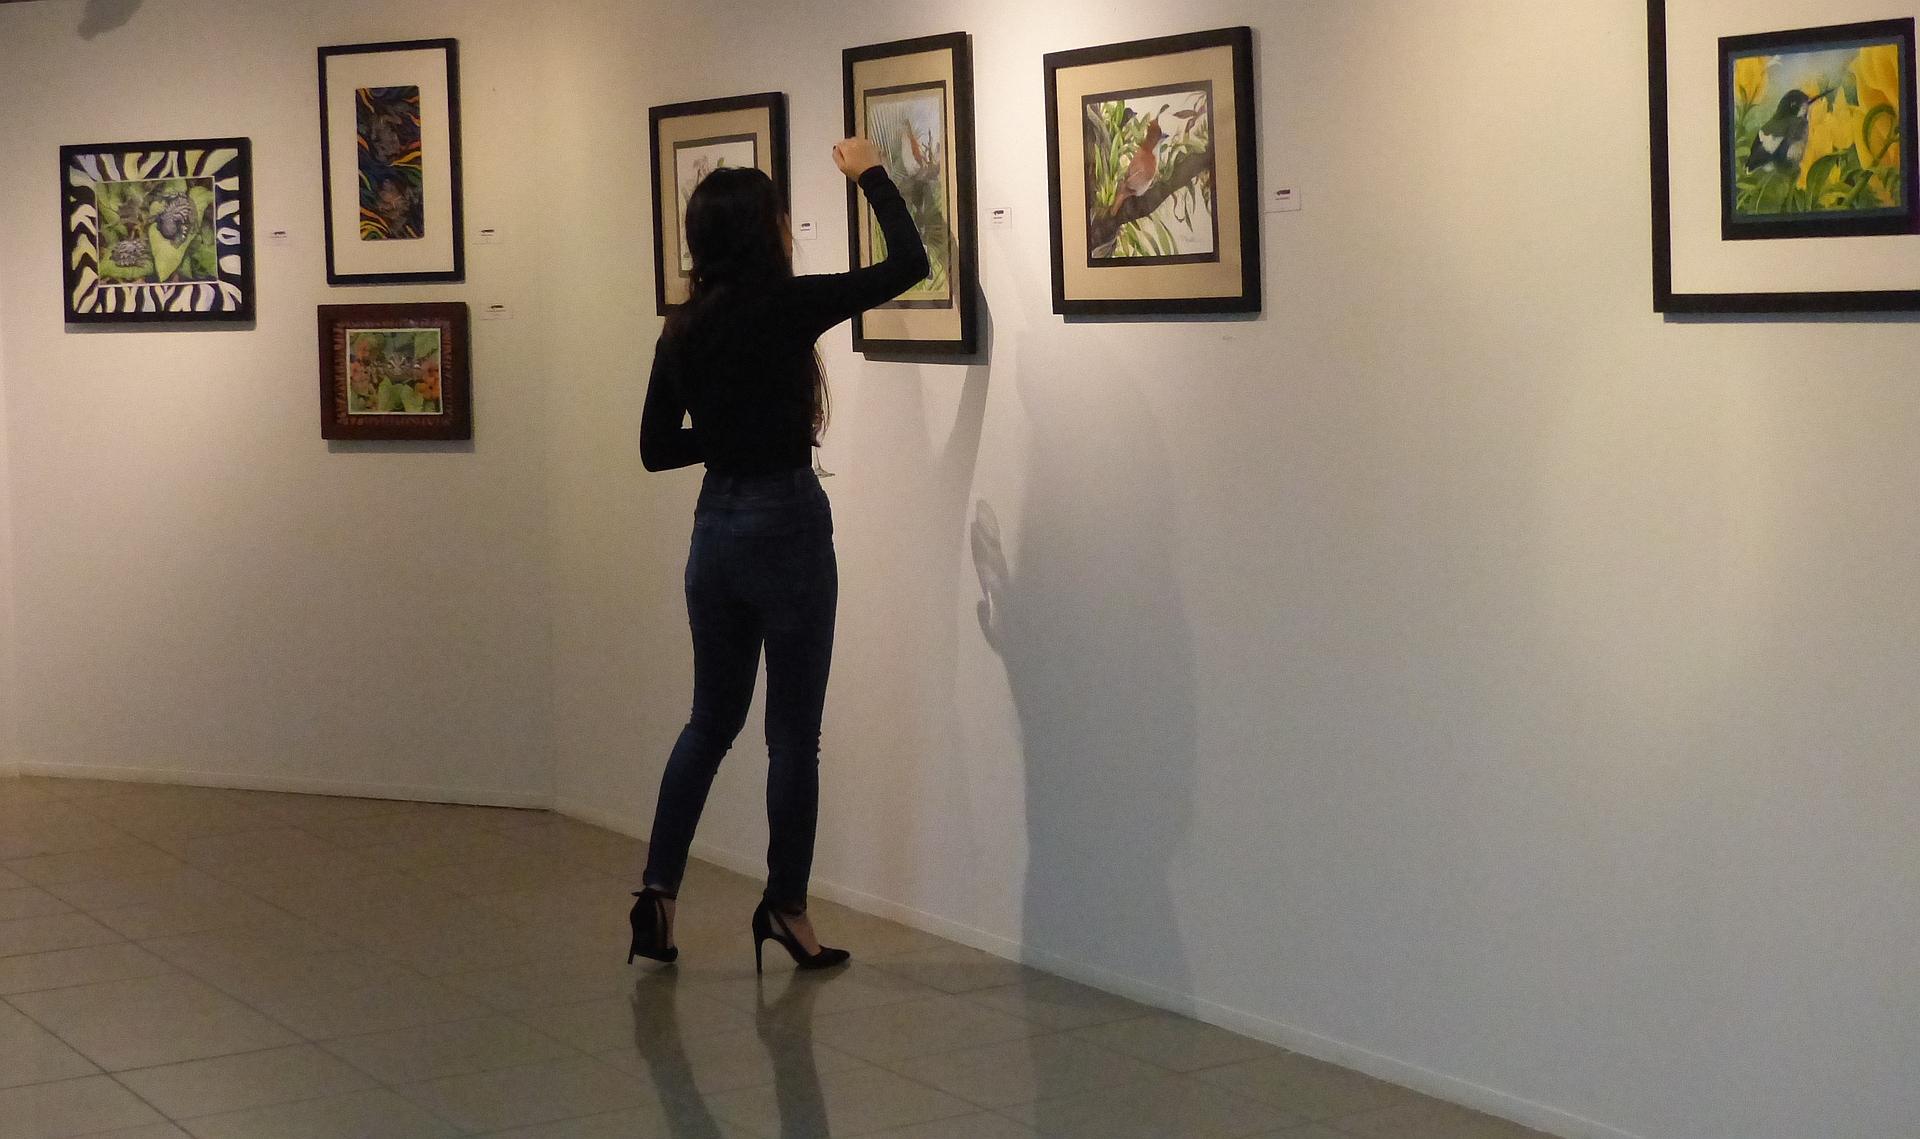 P2270332 MUSEUM MOMENTS LETTIE QUADRADO AKA DADY SMALL FILE